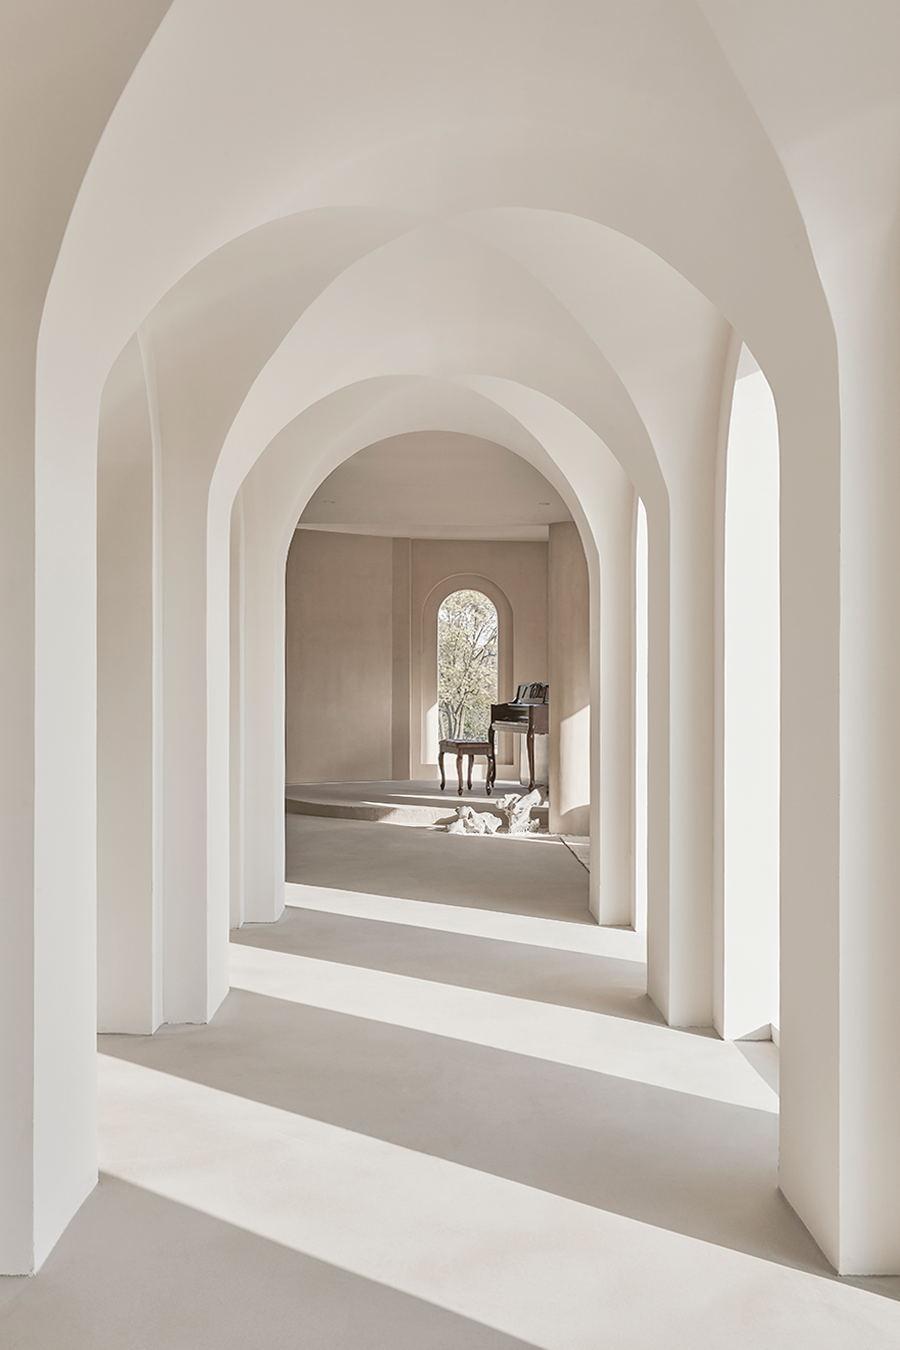 摄影空间拱形元素走廊设计